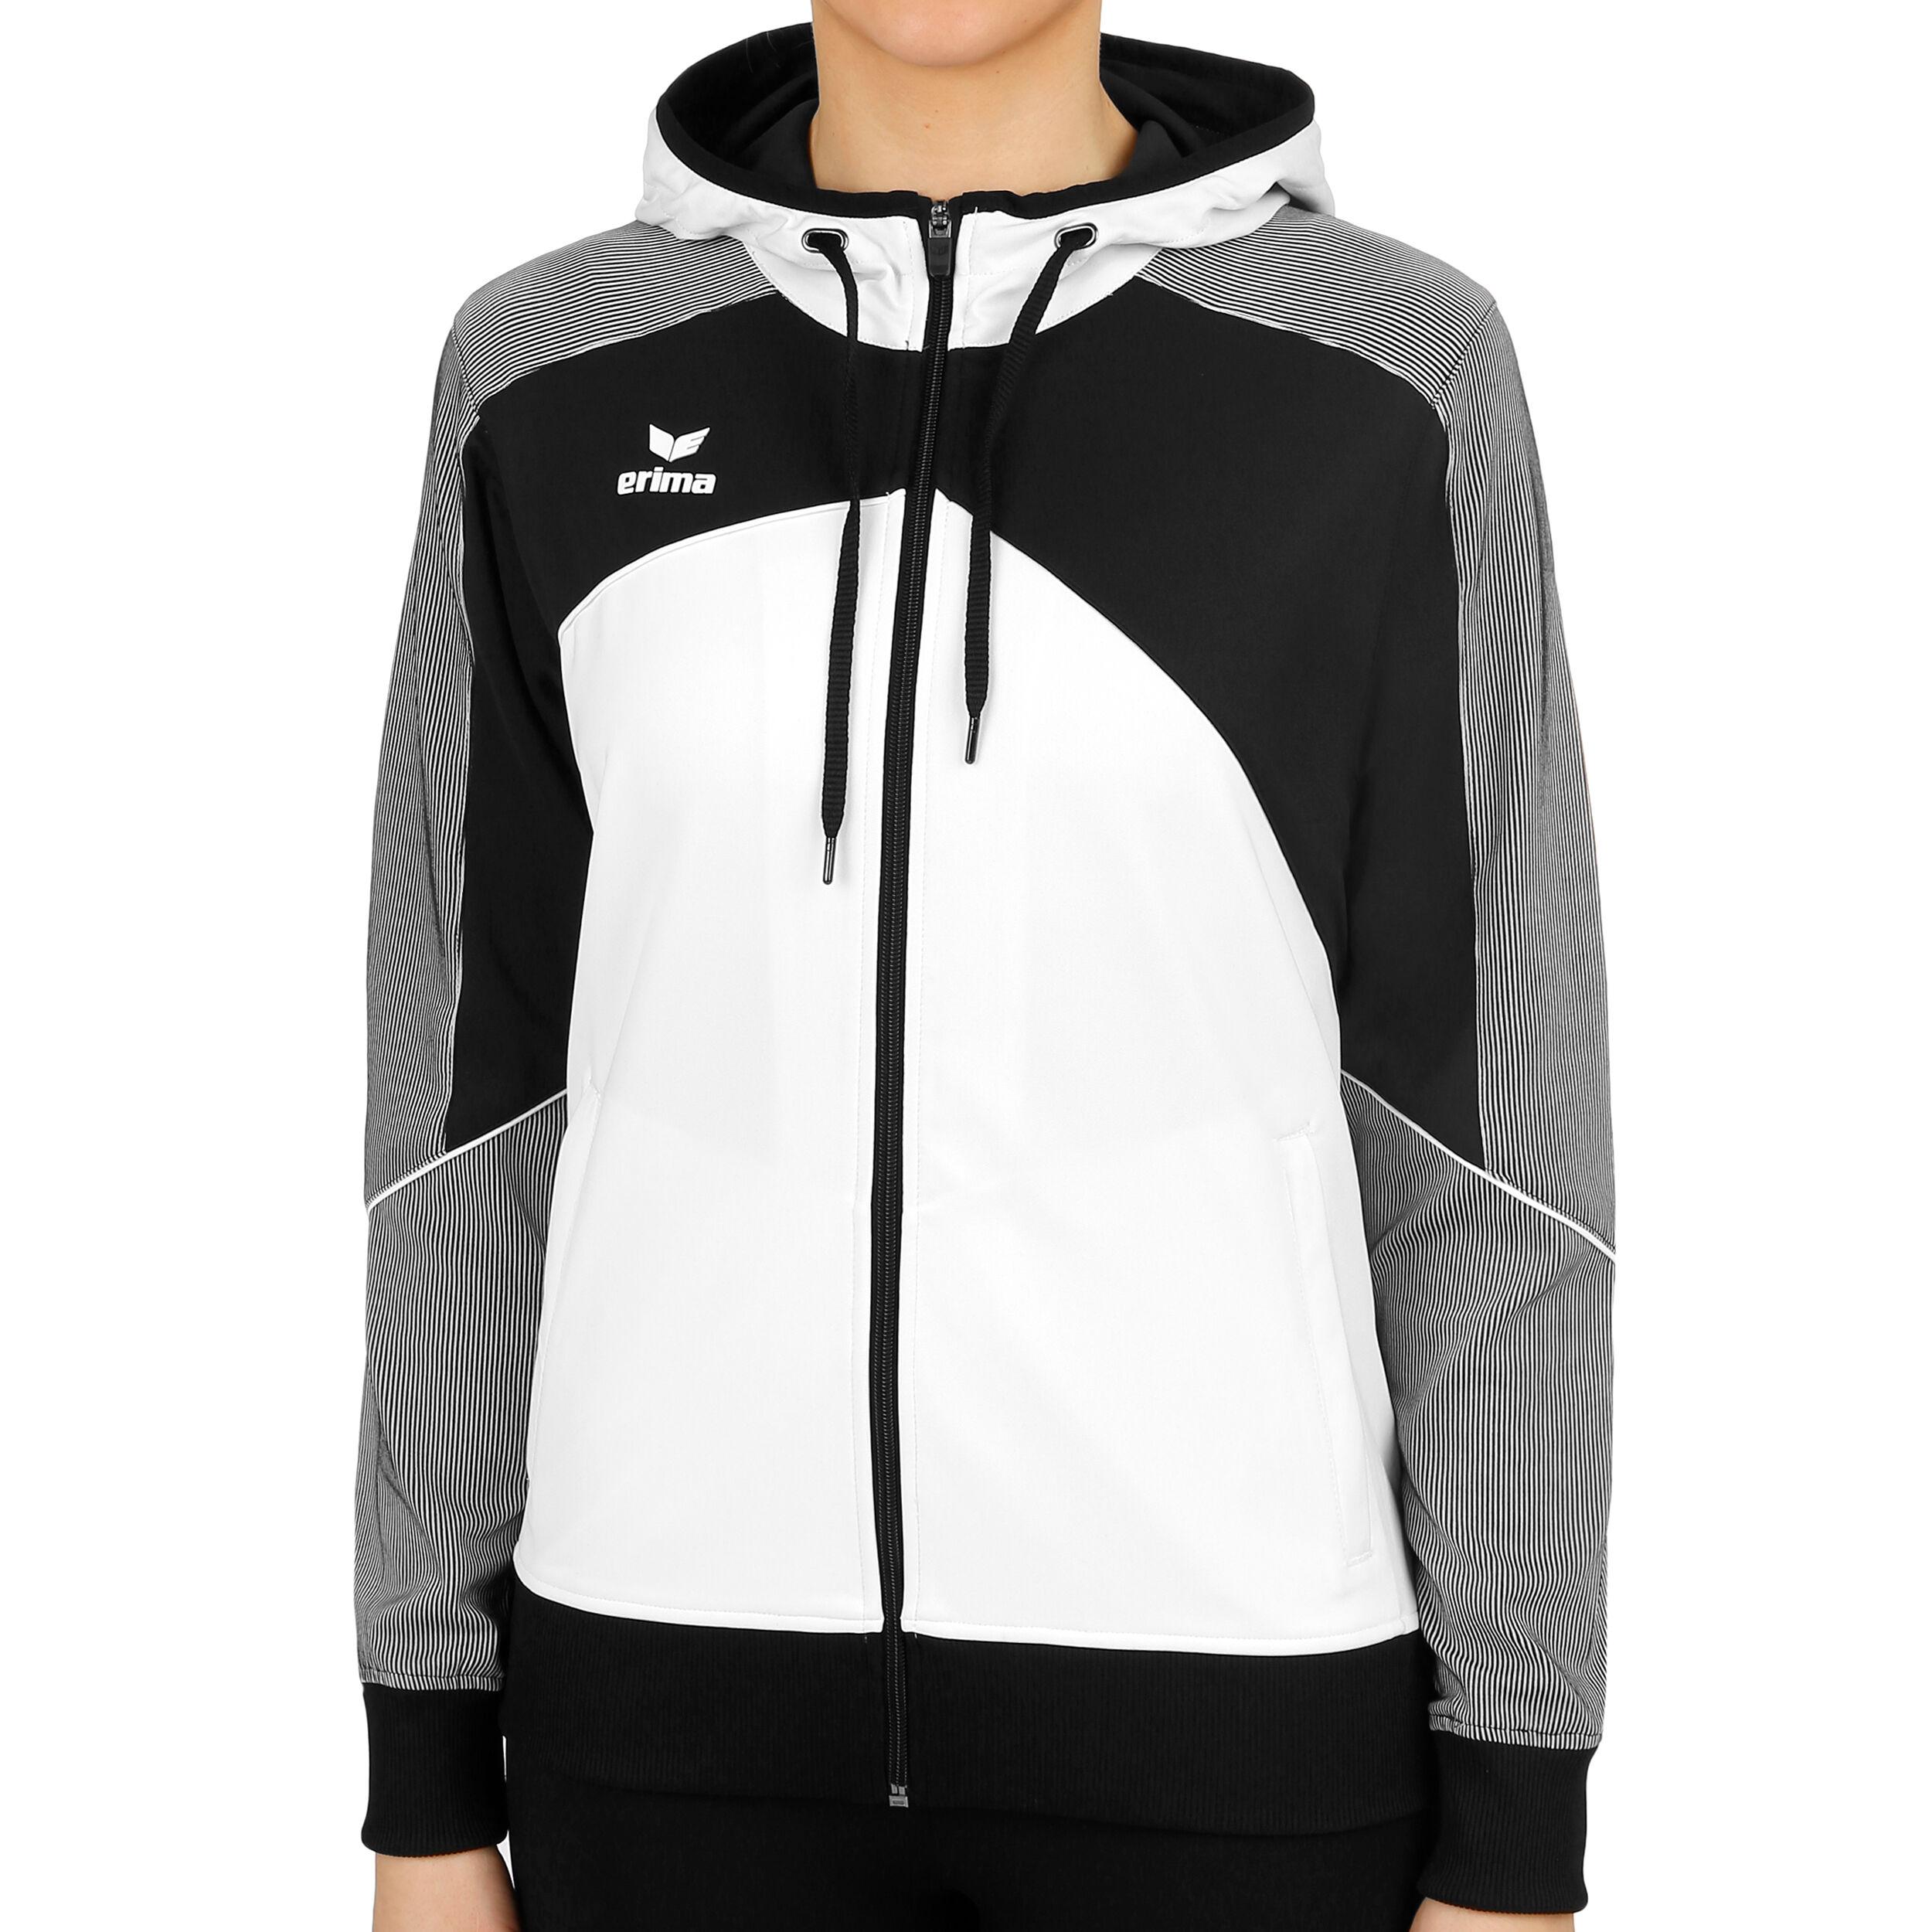 Erima Premium One 2.0 Trainingsjacke Damen Weiß, Schwarz